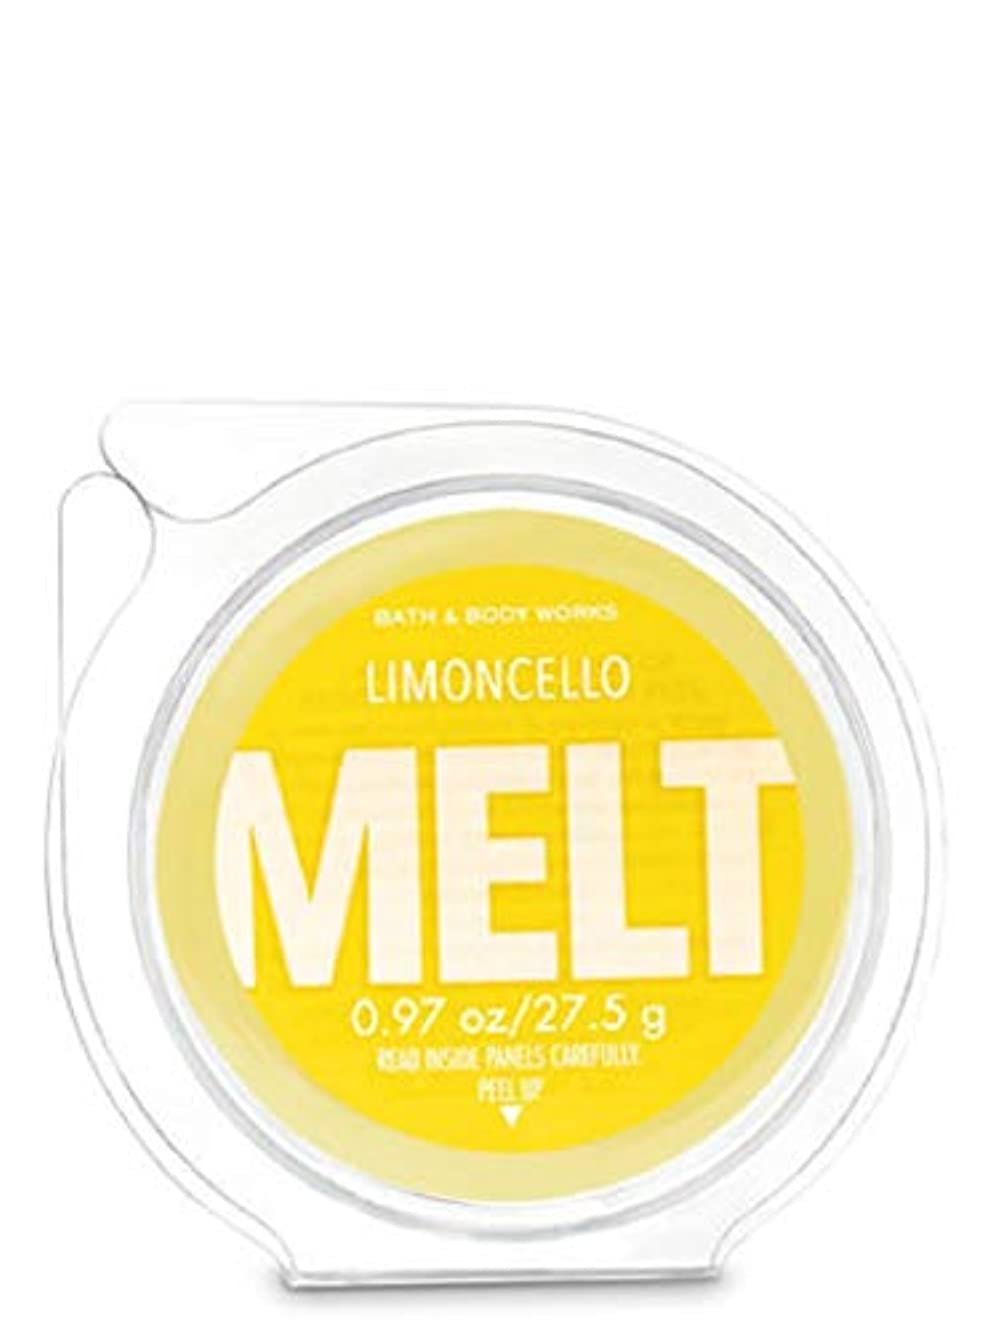 壮大システム経過【Bath&Body Works/バス&ボディワークス】 フレグランスメルト タルト ワックスポプリ リモンチェッロ Wax Fragrance Melt Limoncello 0.97oz/27.5g